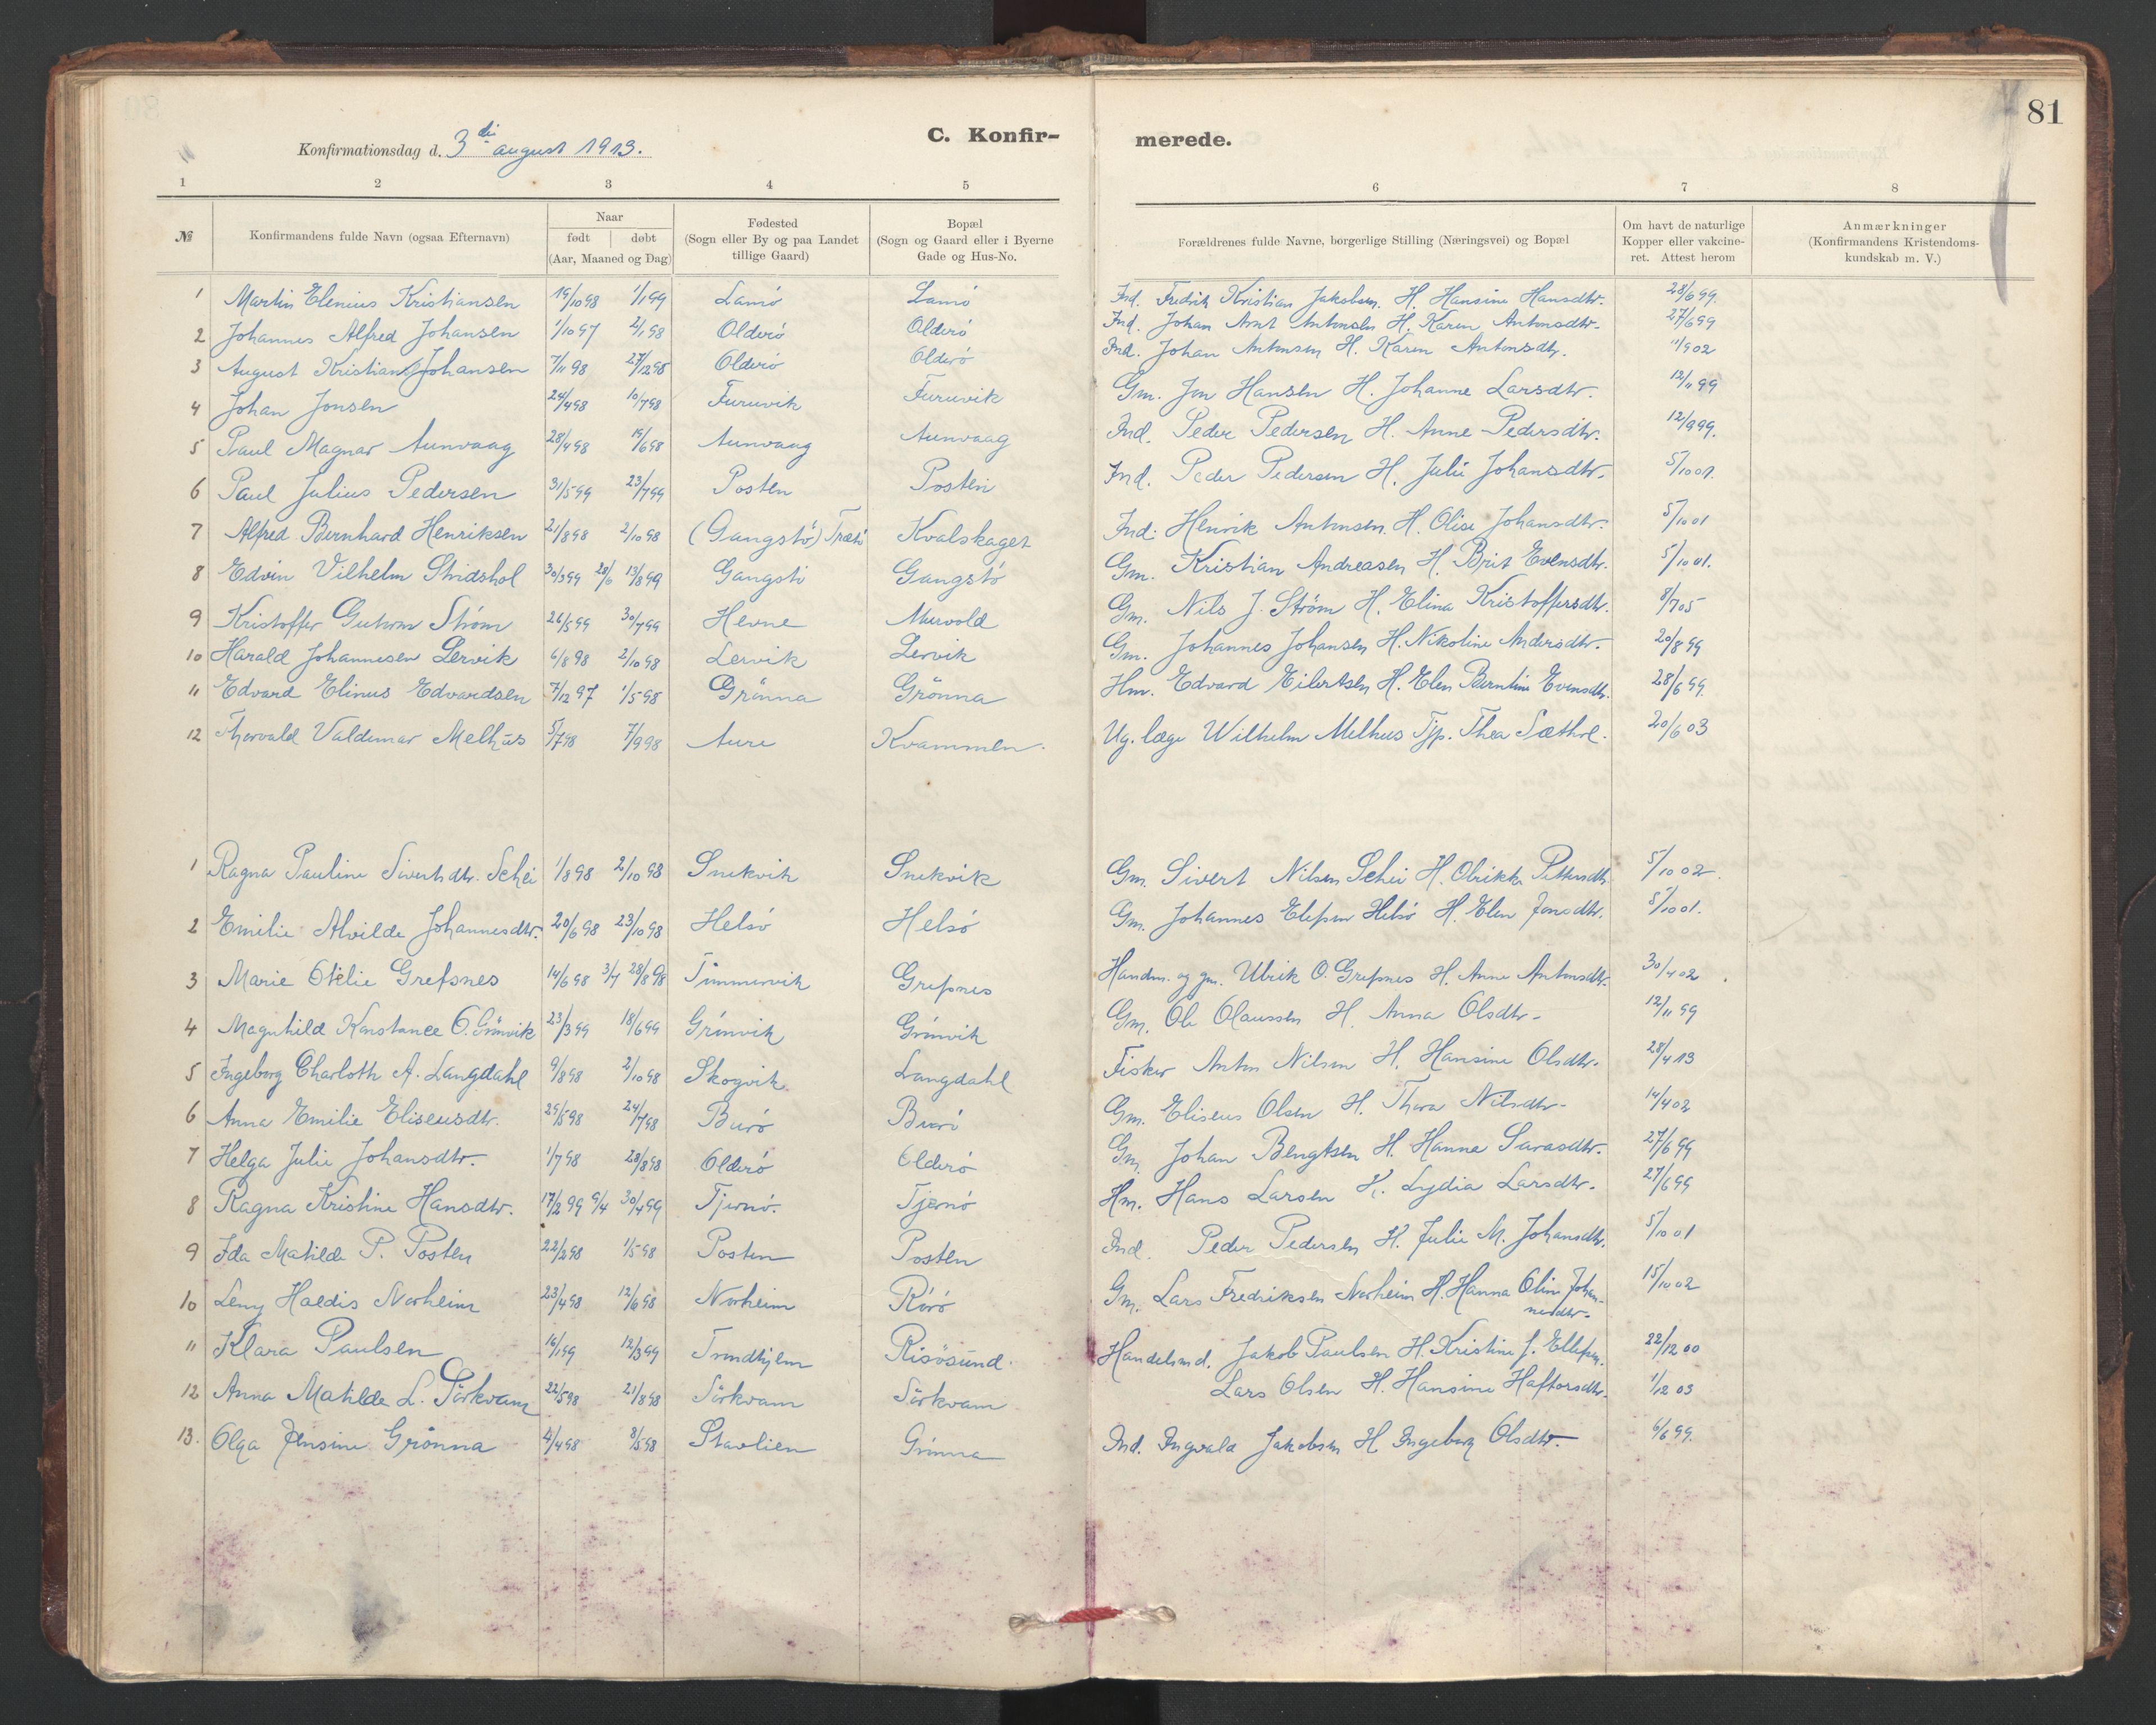 SAT, Ministerialprotokoller, klokkerbøker og fødselsregistre - Sør-Trøndelag, 635/L0552: Ministerialbok nr. 635A02, 1899-1919, s. 81